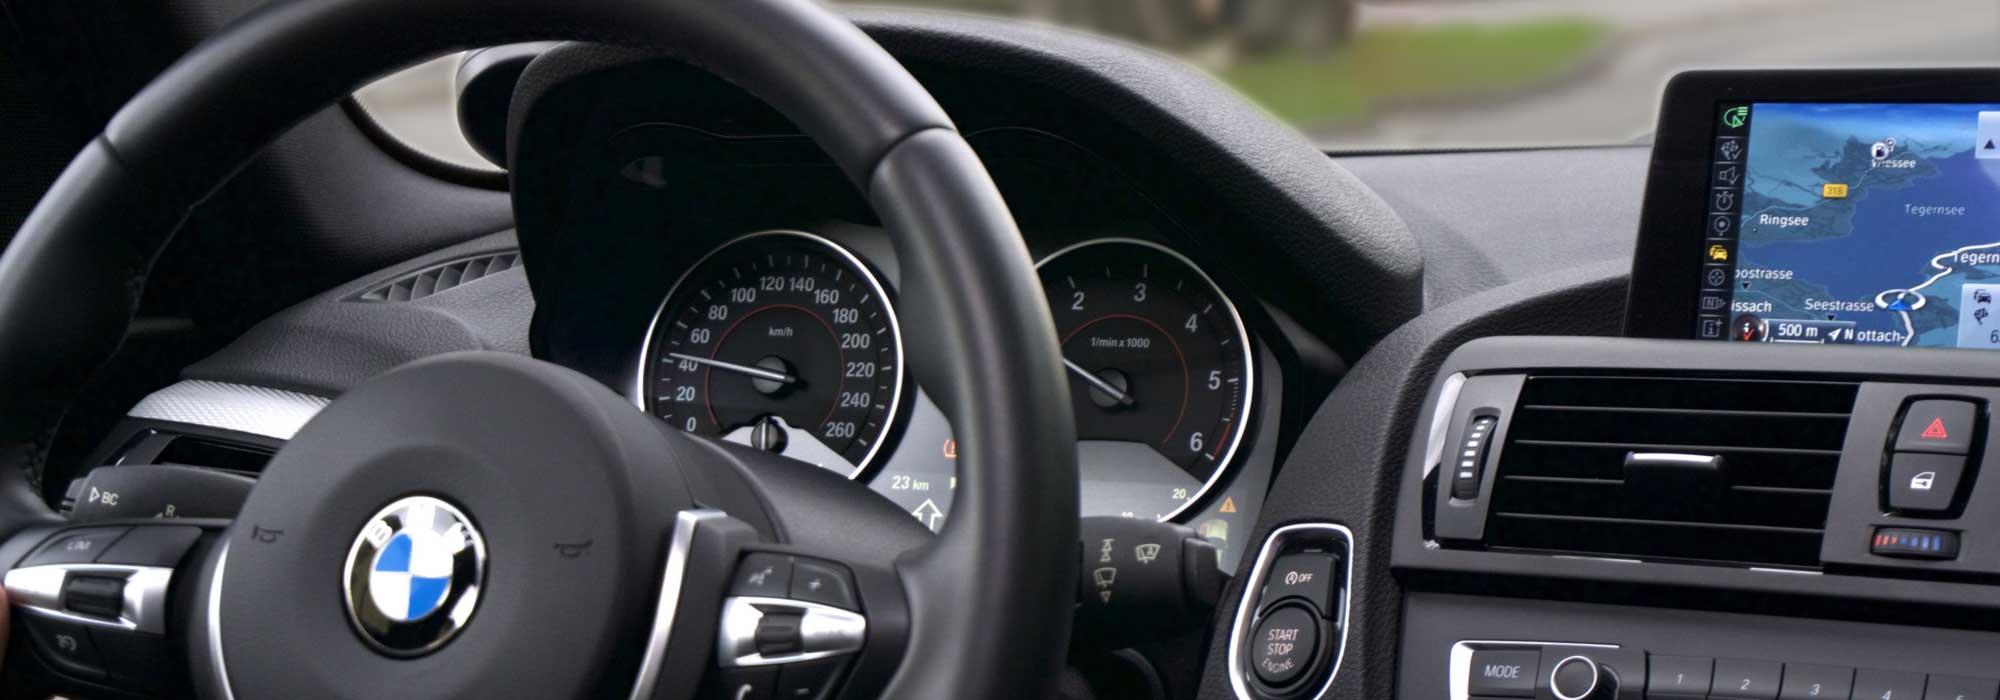 Servors automobiles occasions aix en provence aix en for Garage land rover aix les milles